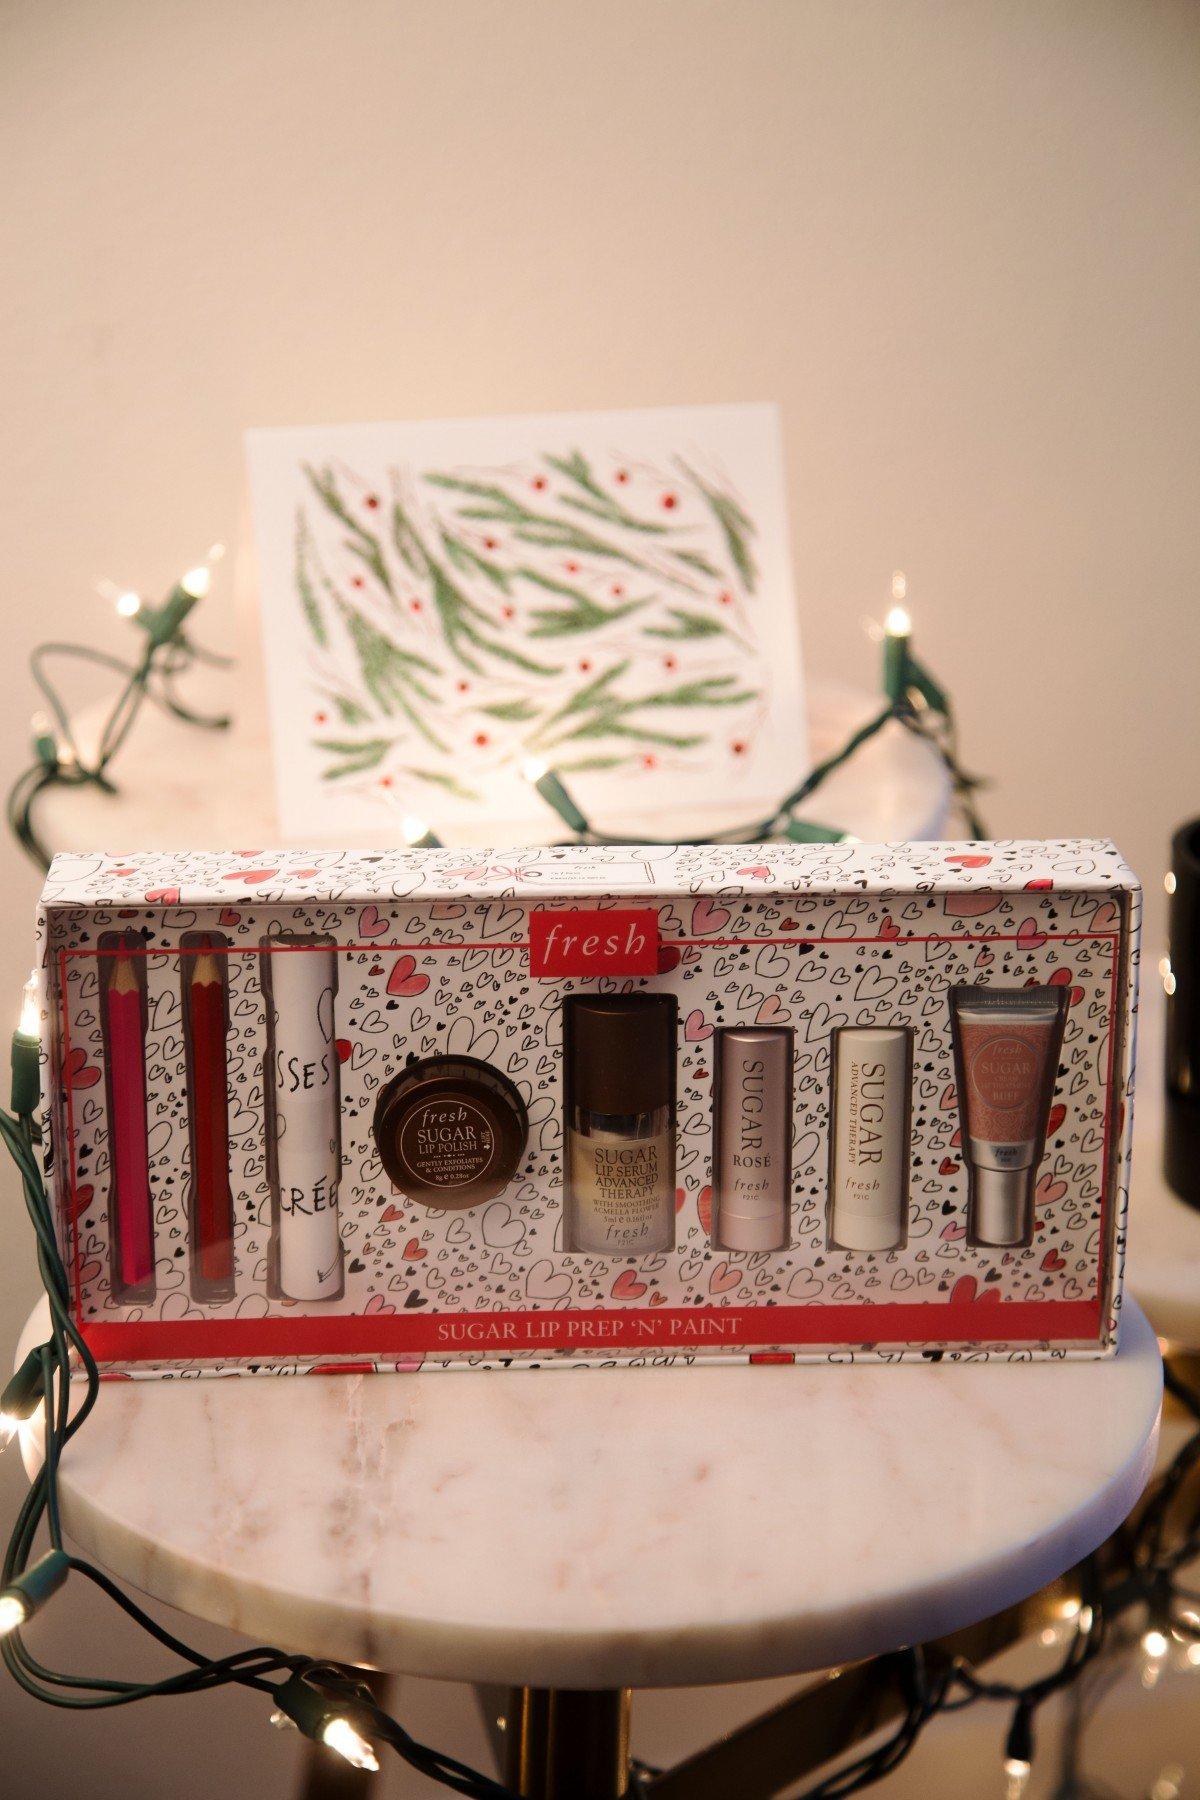 Fresh Holiday Sugar Lip Kits Giveaway